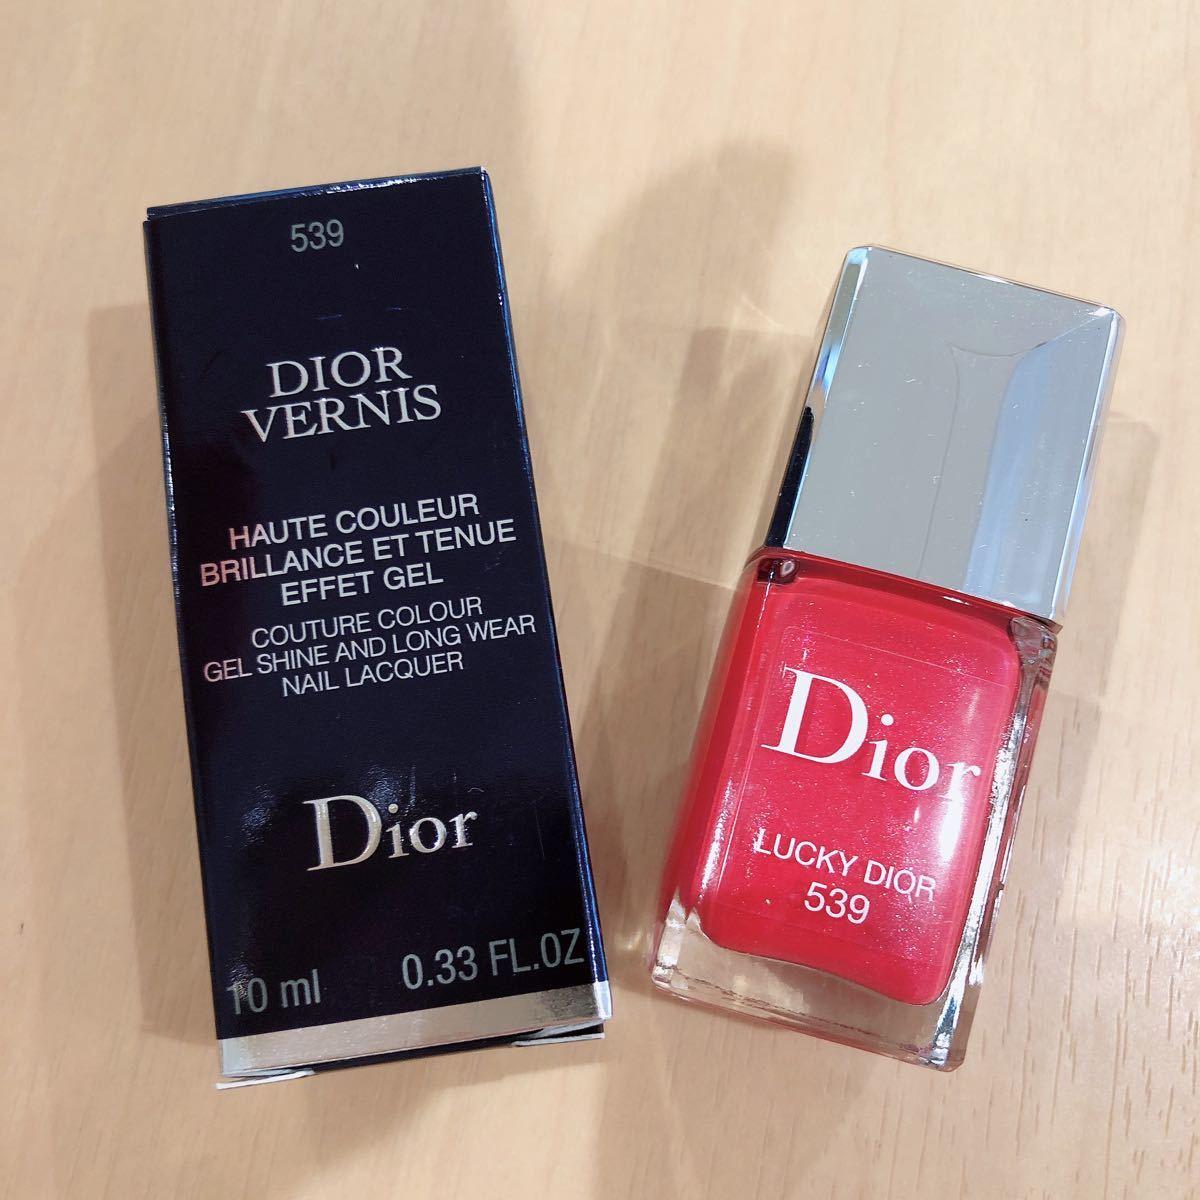 ディオール ヴェルニ 539 lucky dior